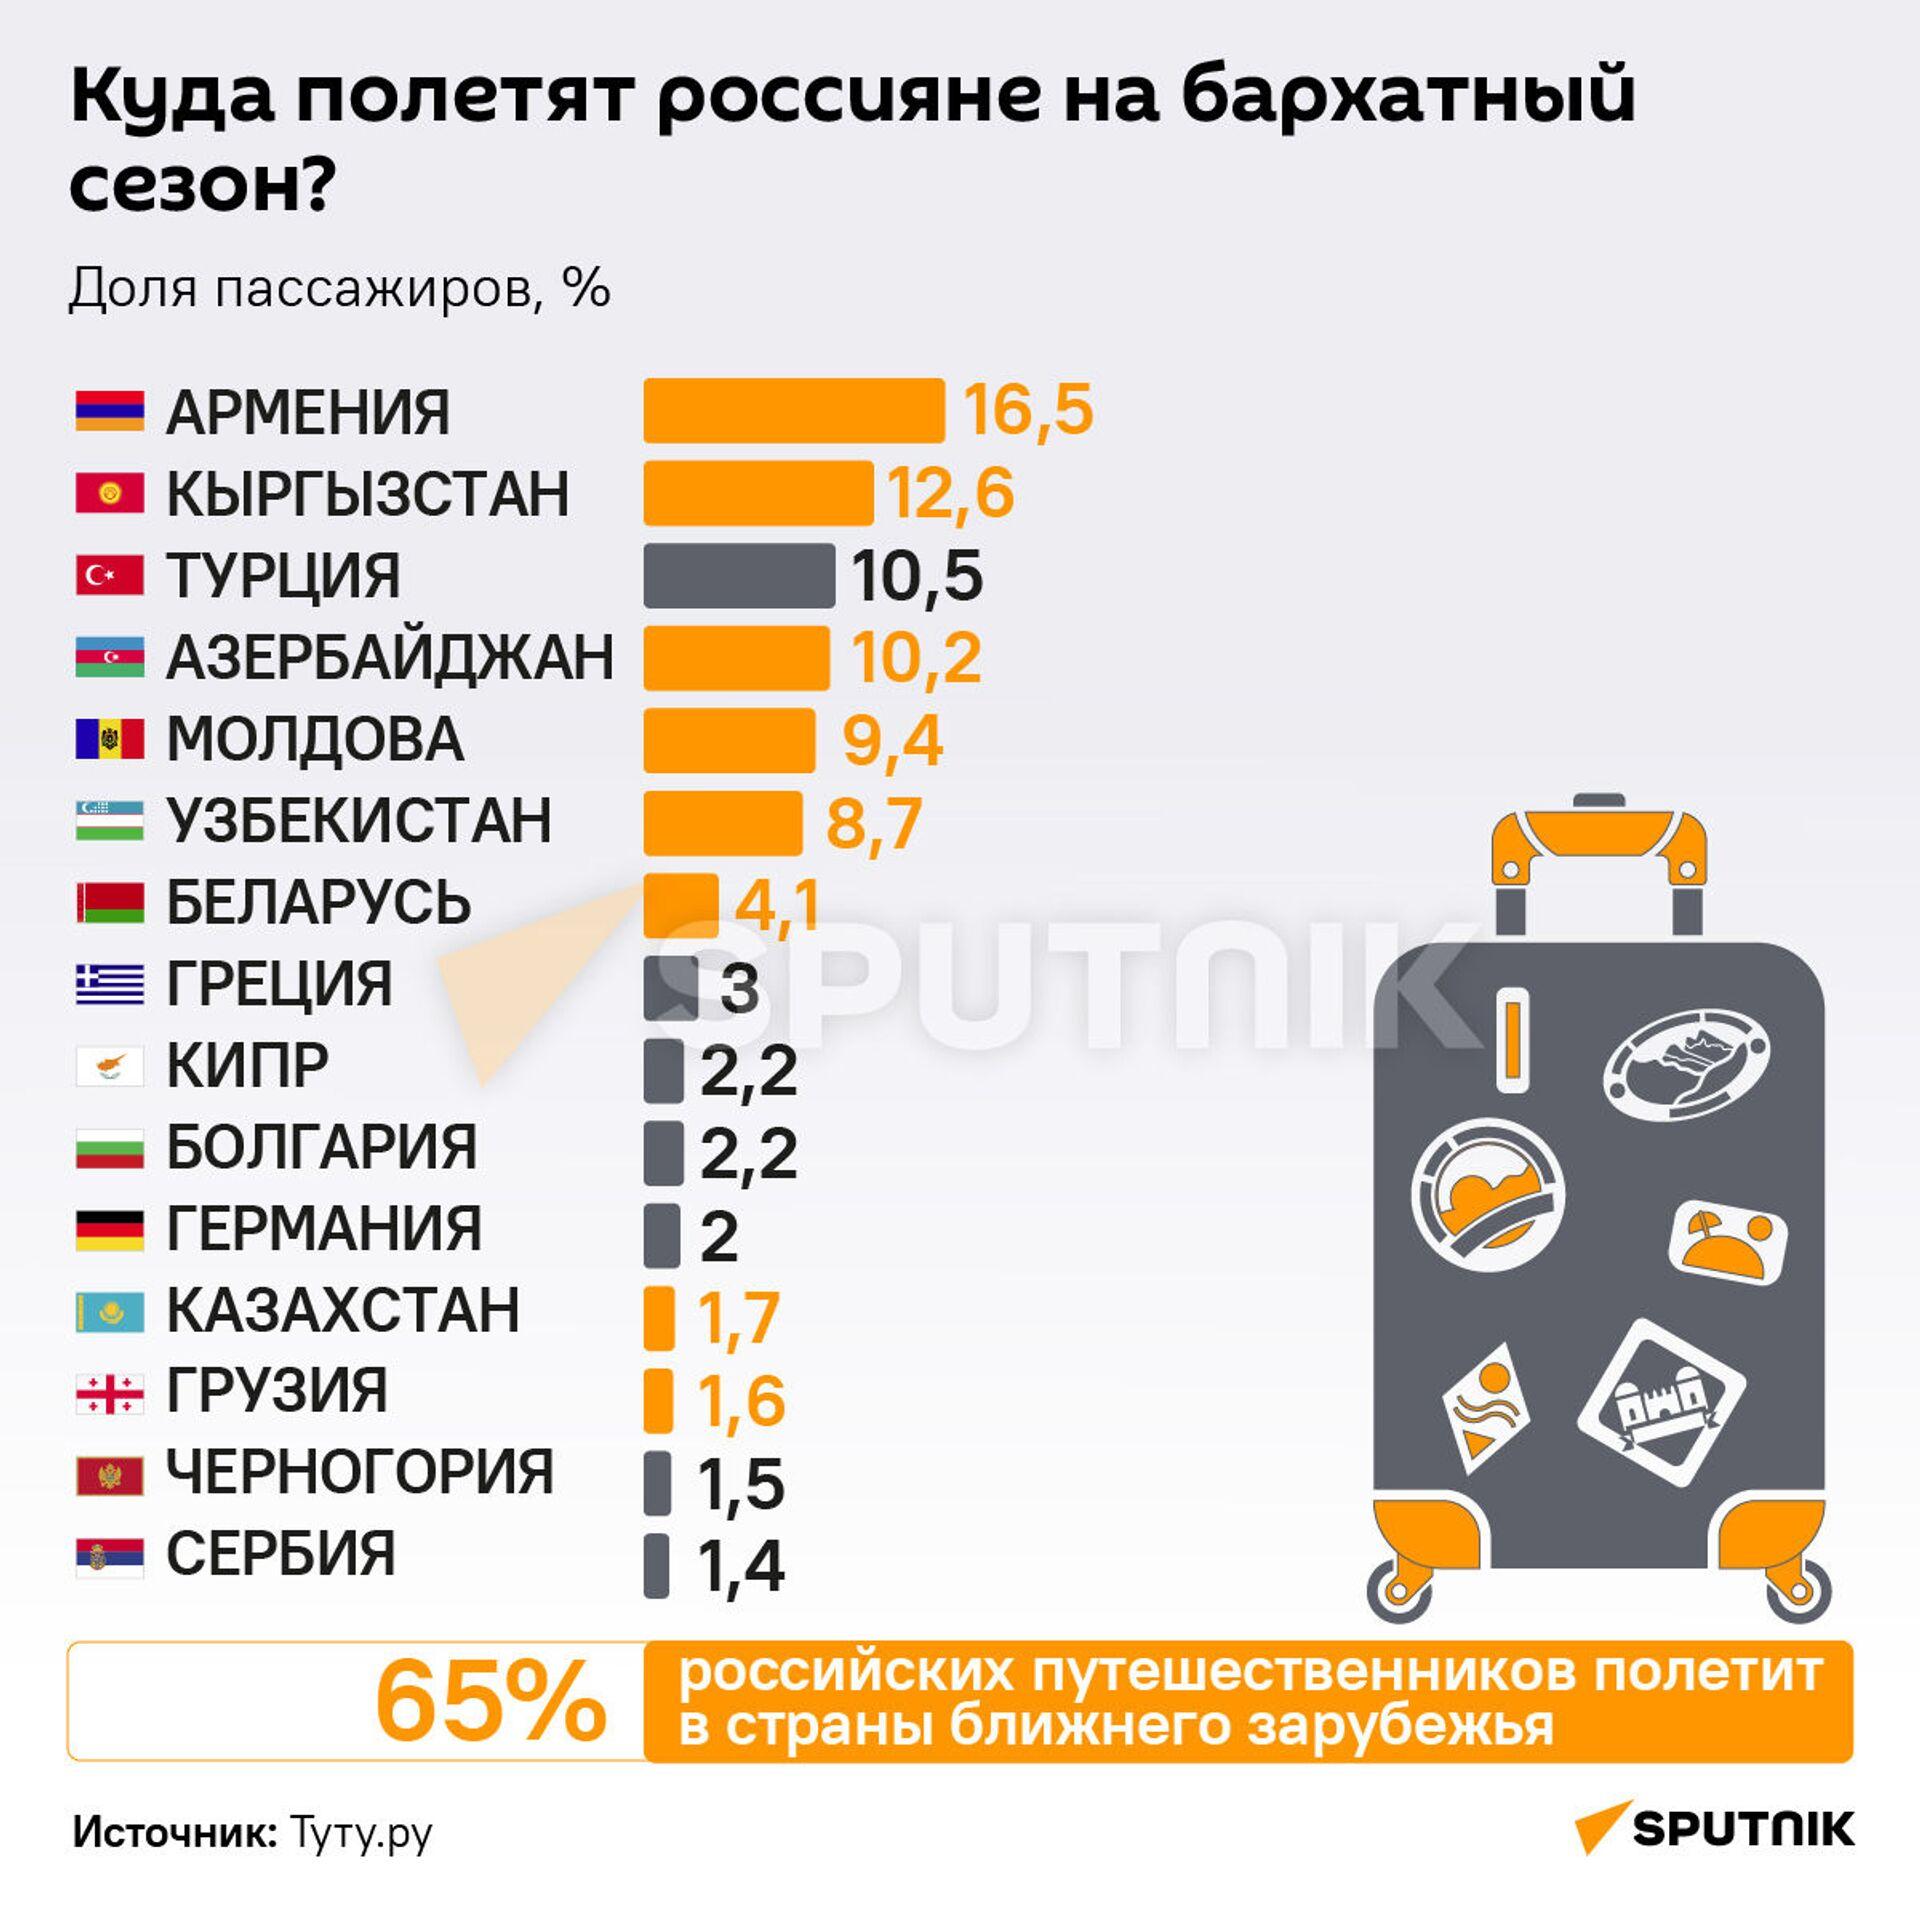 Инфографика: Куда поедут россияне в бархатный сезон? - Sputnik Азербайджан, 1920, 01.10.2021